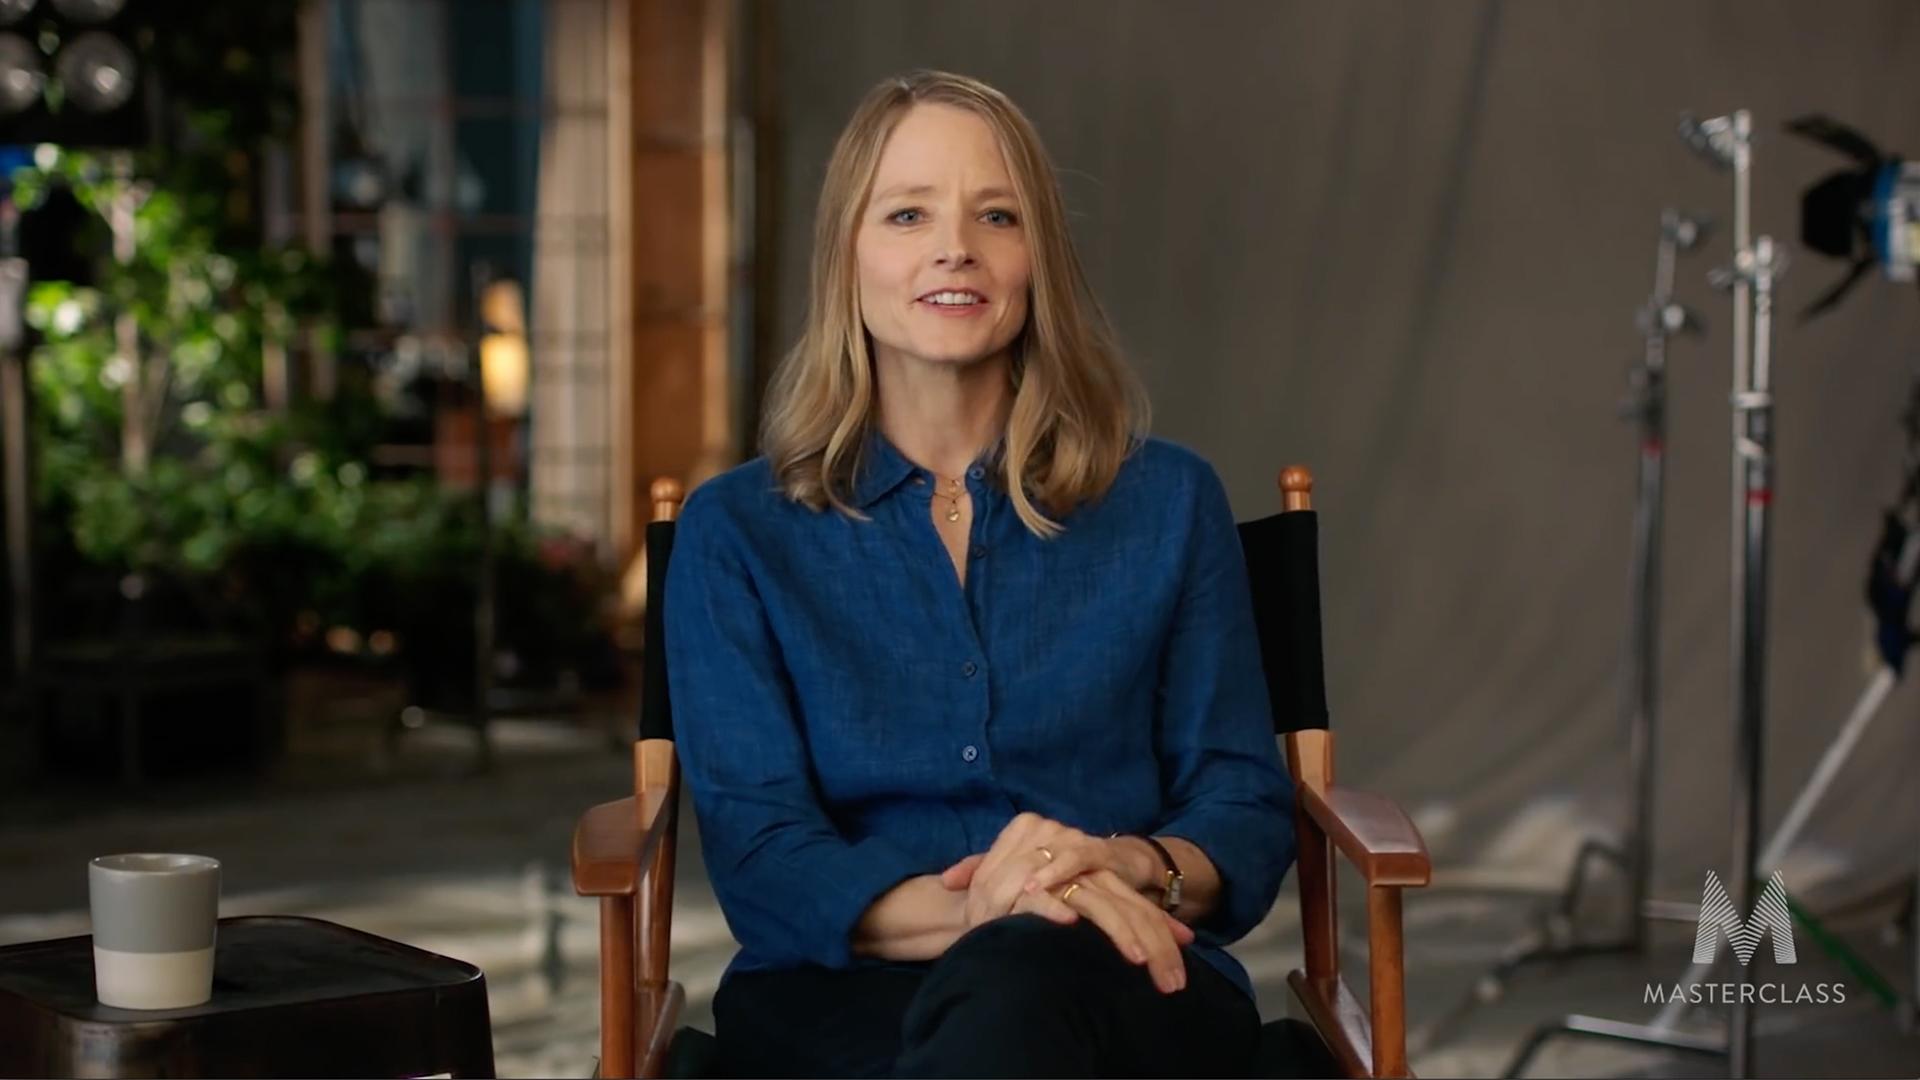 Reseña de la Masterclass de Jodie Foster: La perspectiva de un actor/director sobre la realización cinematográfica